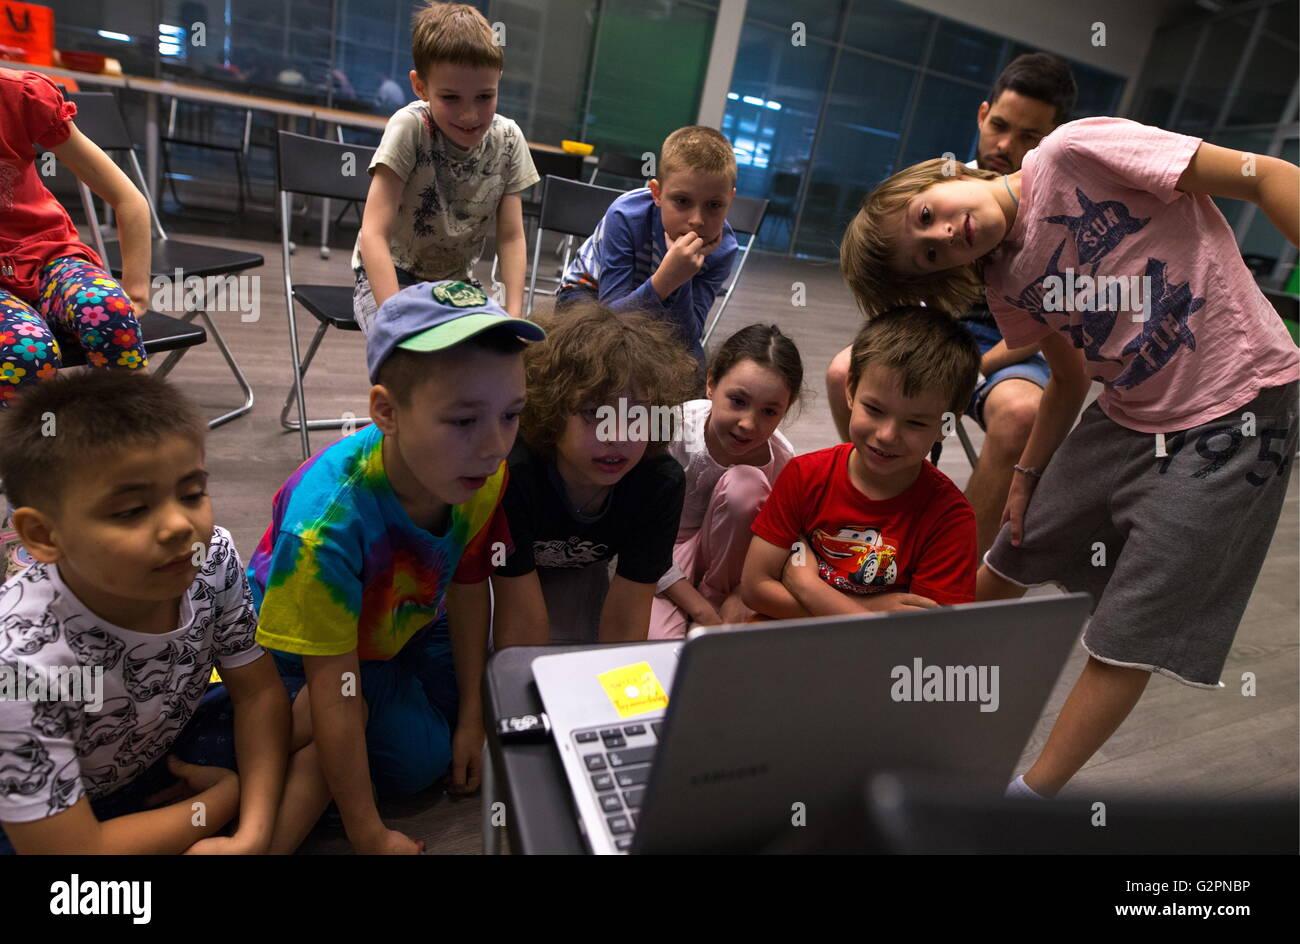 Mosca russia 1 giugno 2016: ragazzi e ragazze guardando cartoni